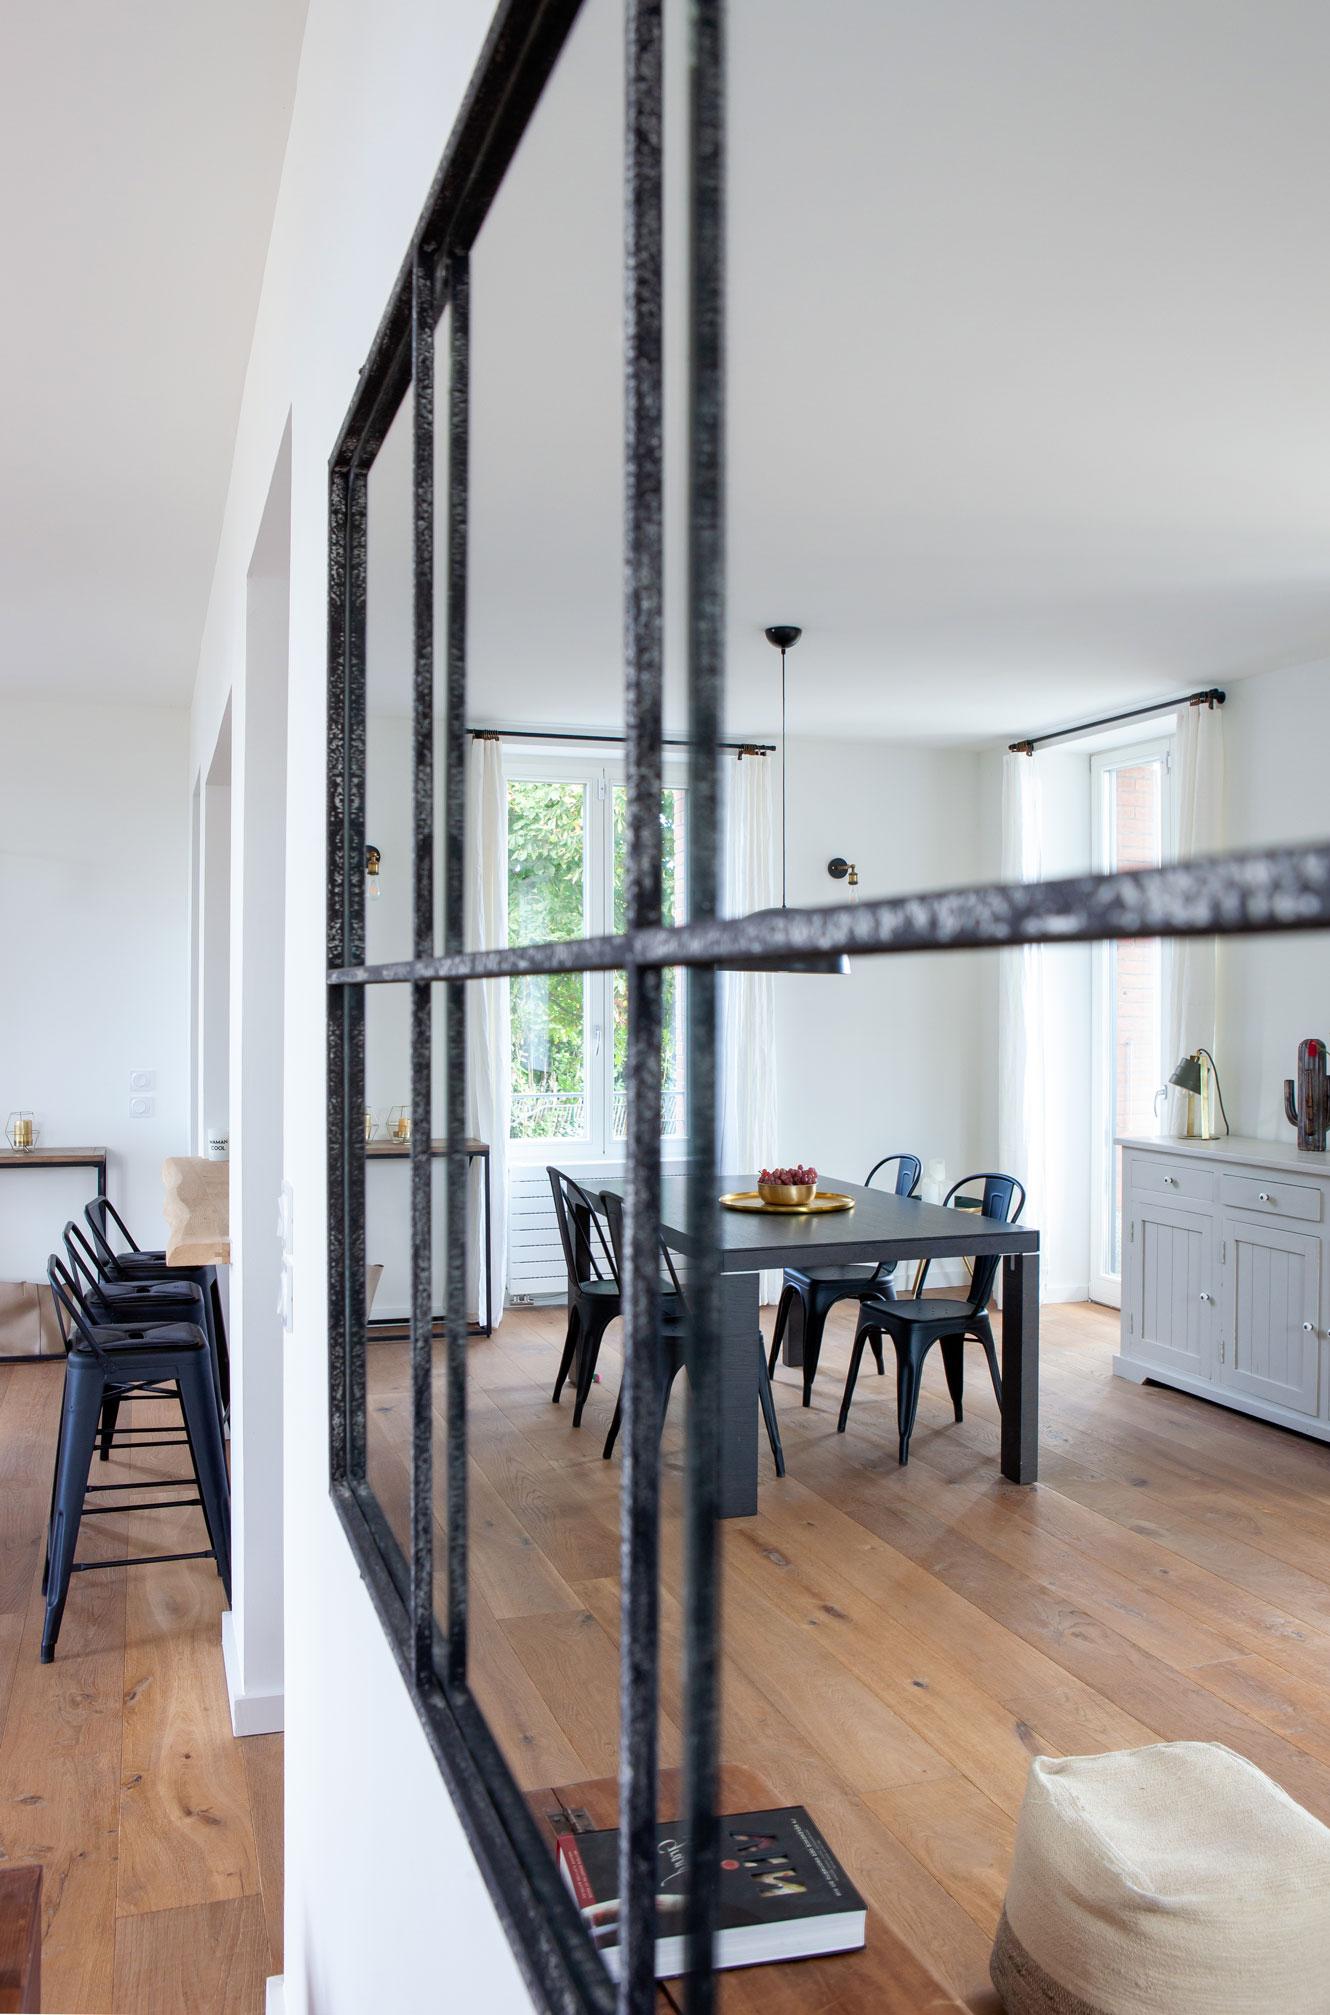 décoration intérieur reflet